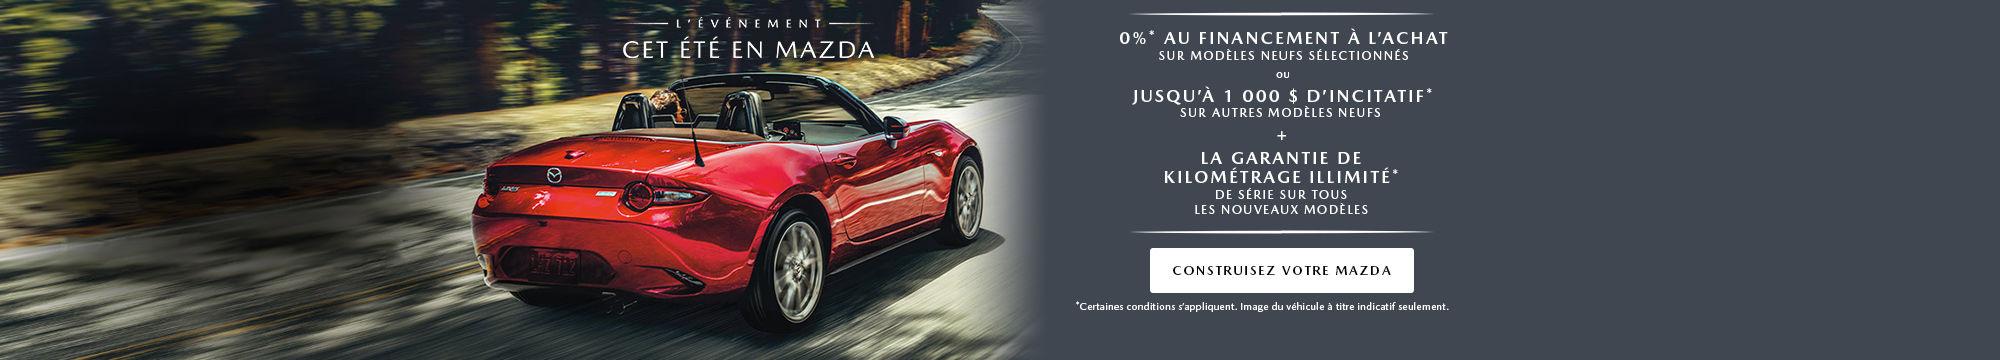 Cet été en Mazda